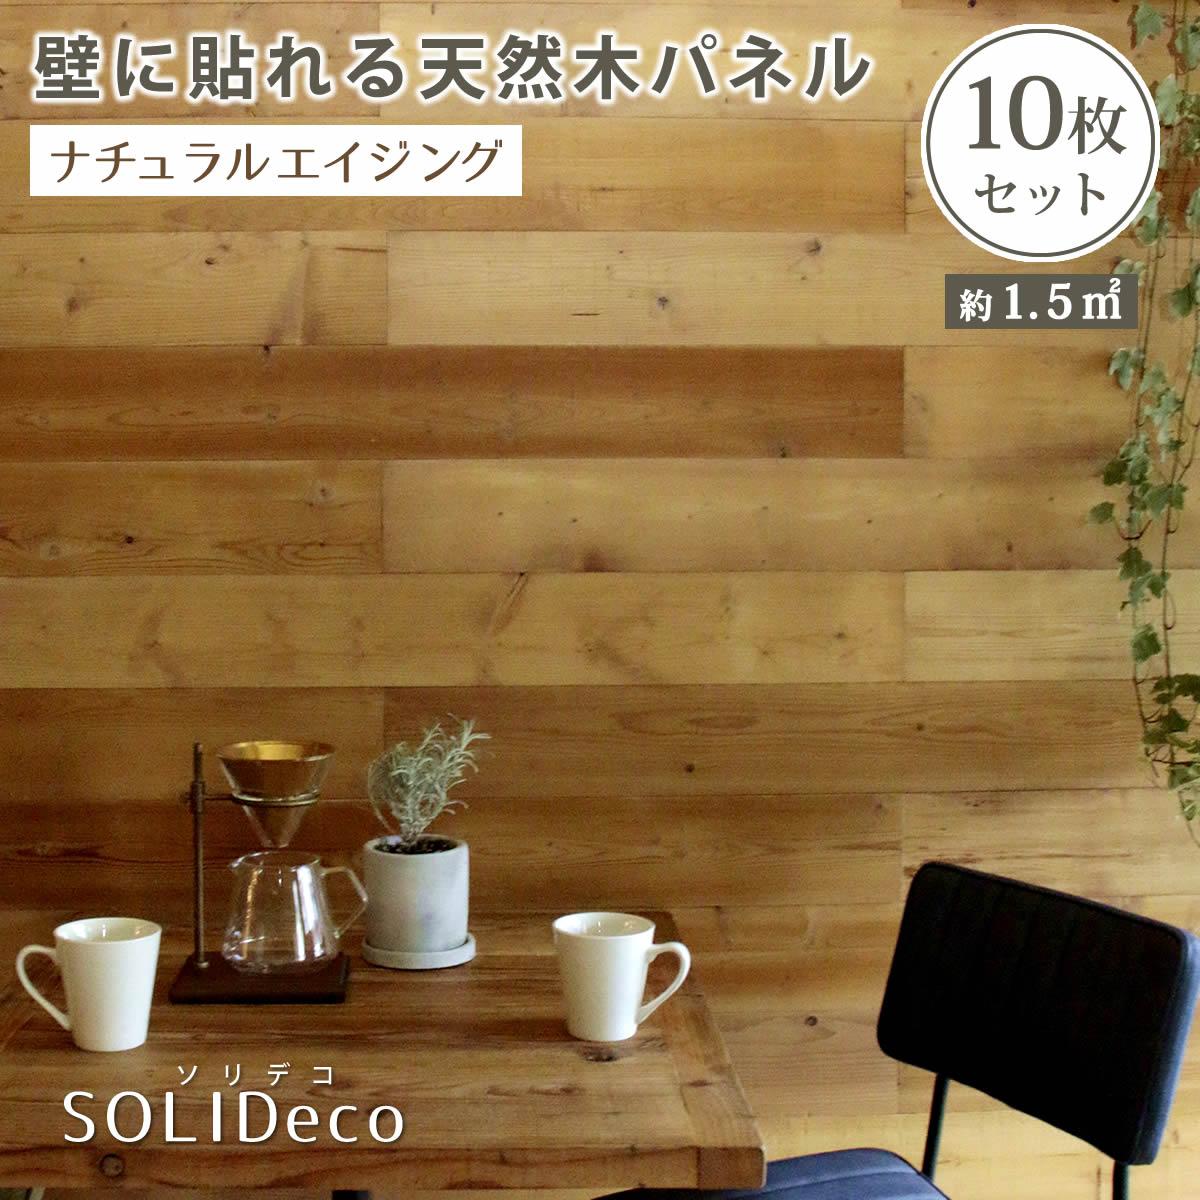 裏面の両面テープでペタッと壁に貼るだけ簡単 本物の木を使用していておしゃれな質感 SNS映えする憧れの板壁が簡単に手に入ります 送料無料 壁に貼れる天然木パネル ナチュラルエイジング 10枚組 約1.5平米 SOLIDECO ソリデコ SLDC-10P-002AGE 木材 壁板 ウォールパネル 内装 公式ショップ 壁 貼れる木 貼る板 爆安プライス 店舗 壁材 パネル 腰壁 壁に板を貼る 化粧ベニヤ 板 diy 材 ウッドタイル ウッドパネル おしゃれ 部屋